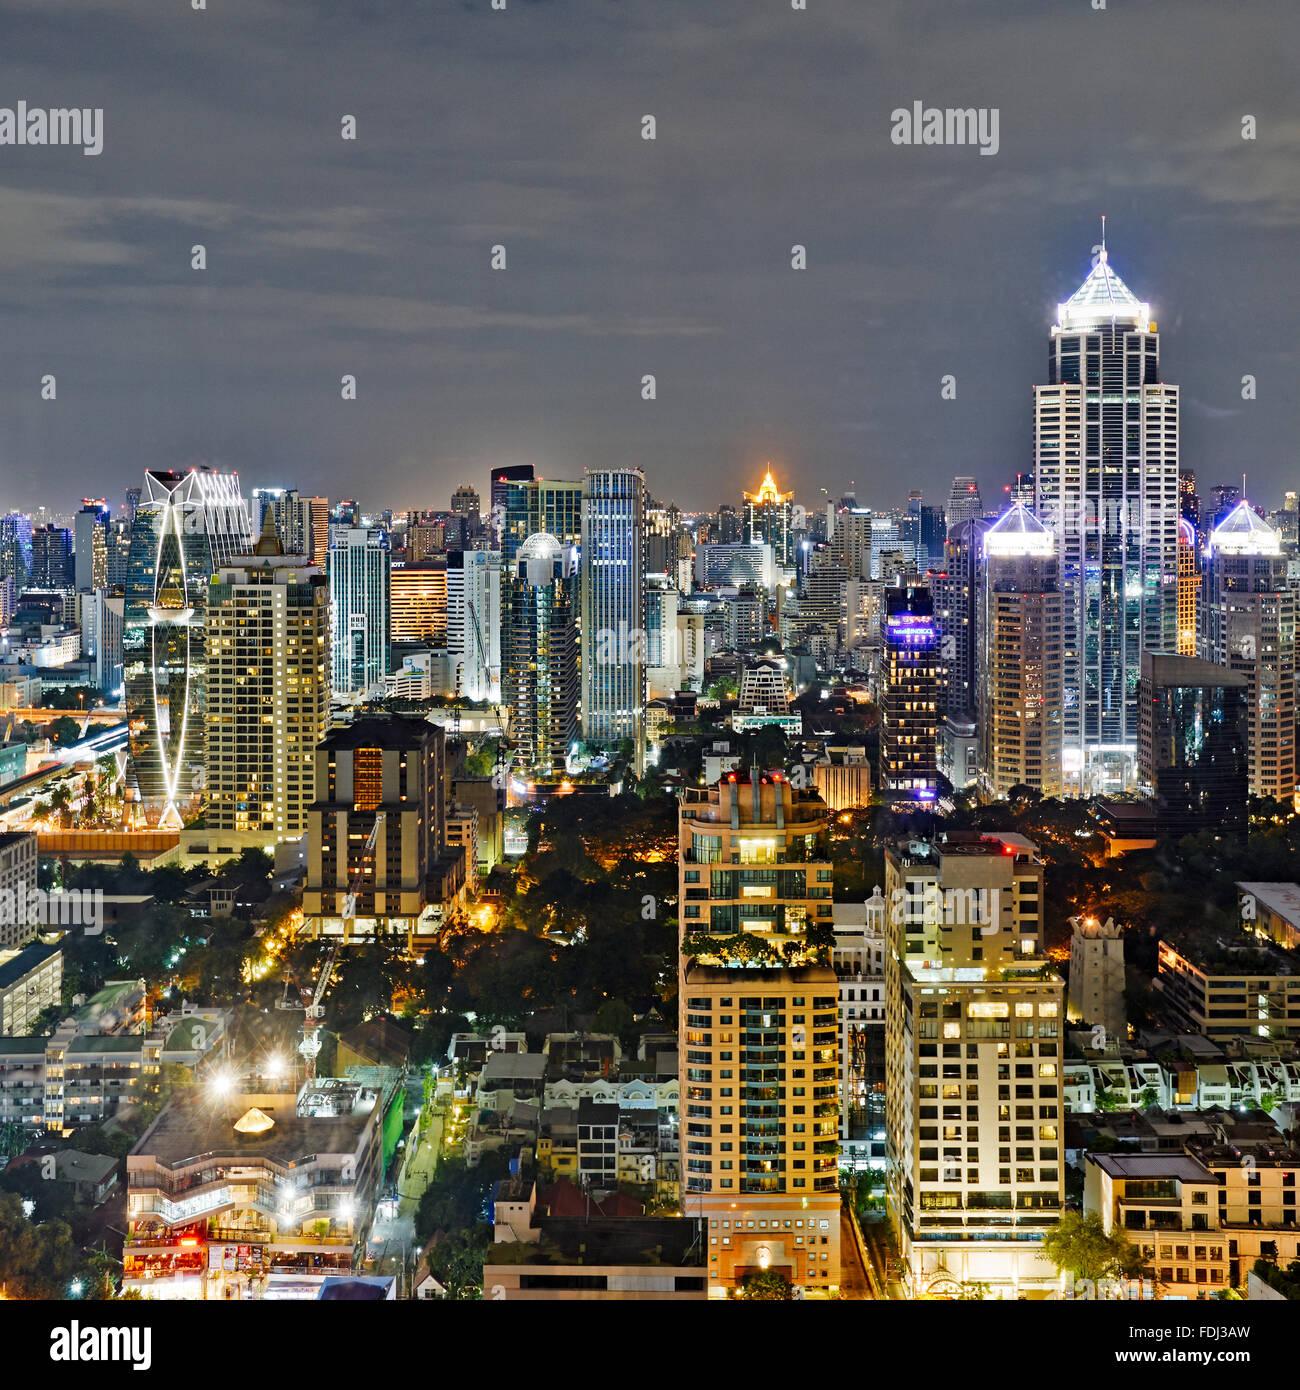 Erhöhten Blick auf die Stadt bei Nacht. Bangkok, Thailand. Stockbild